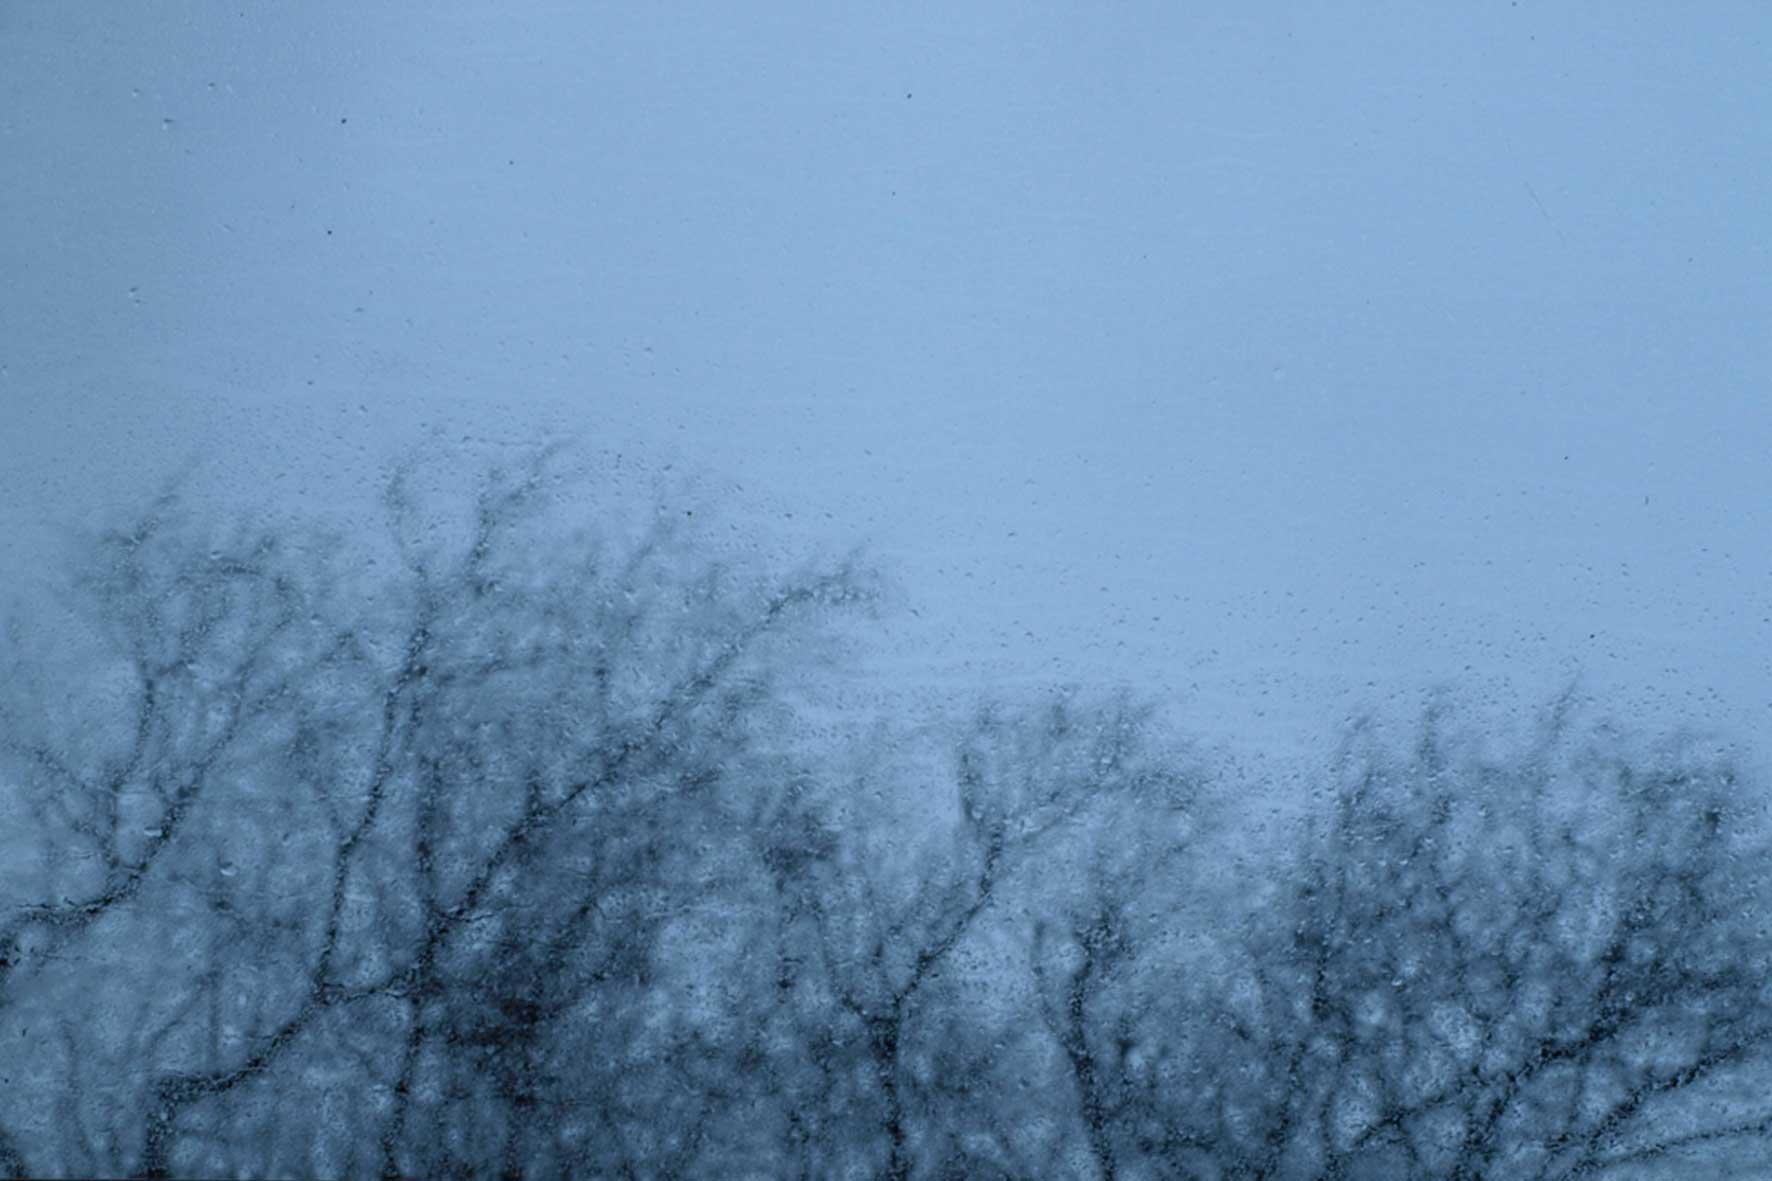 Das Bild zeigt ein Foto im Regenwetter: viele Tropfen an einem Fenster und durch das Fenster Baumspitzen fotografiert.